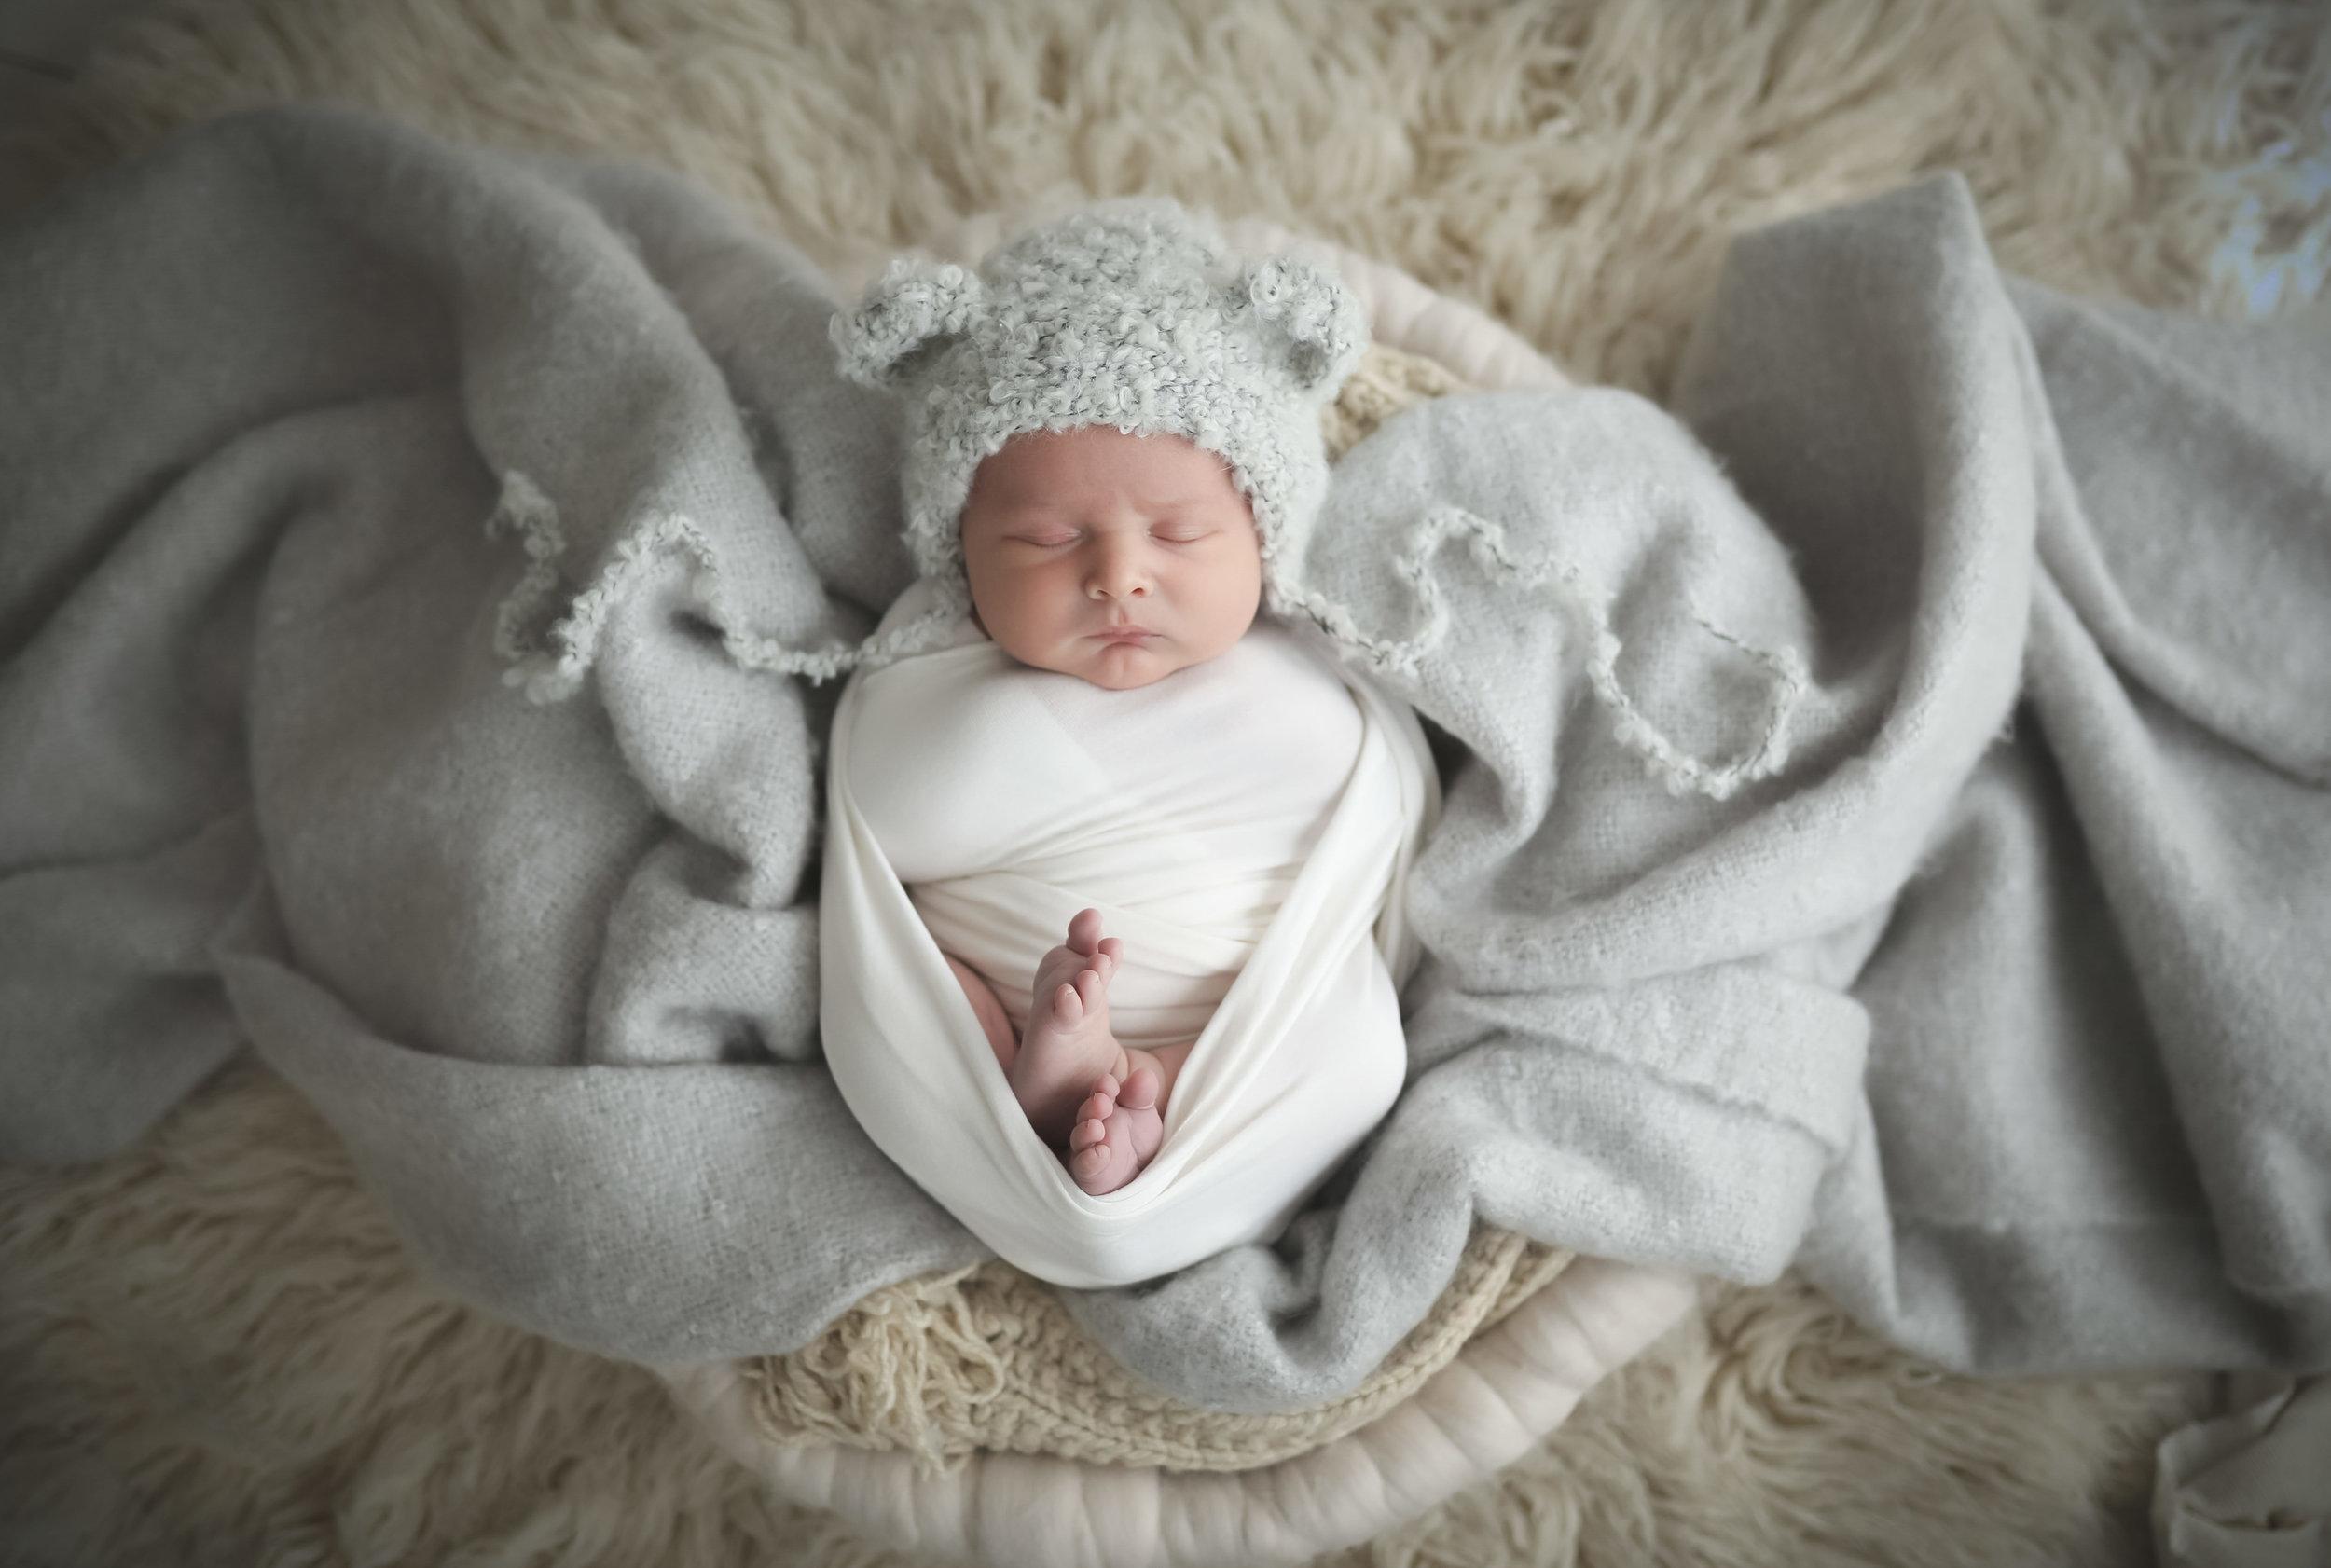 Award-winning-newborn-photographer-cheshire